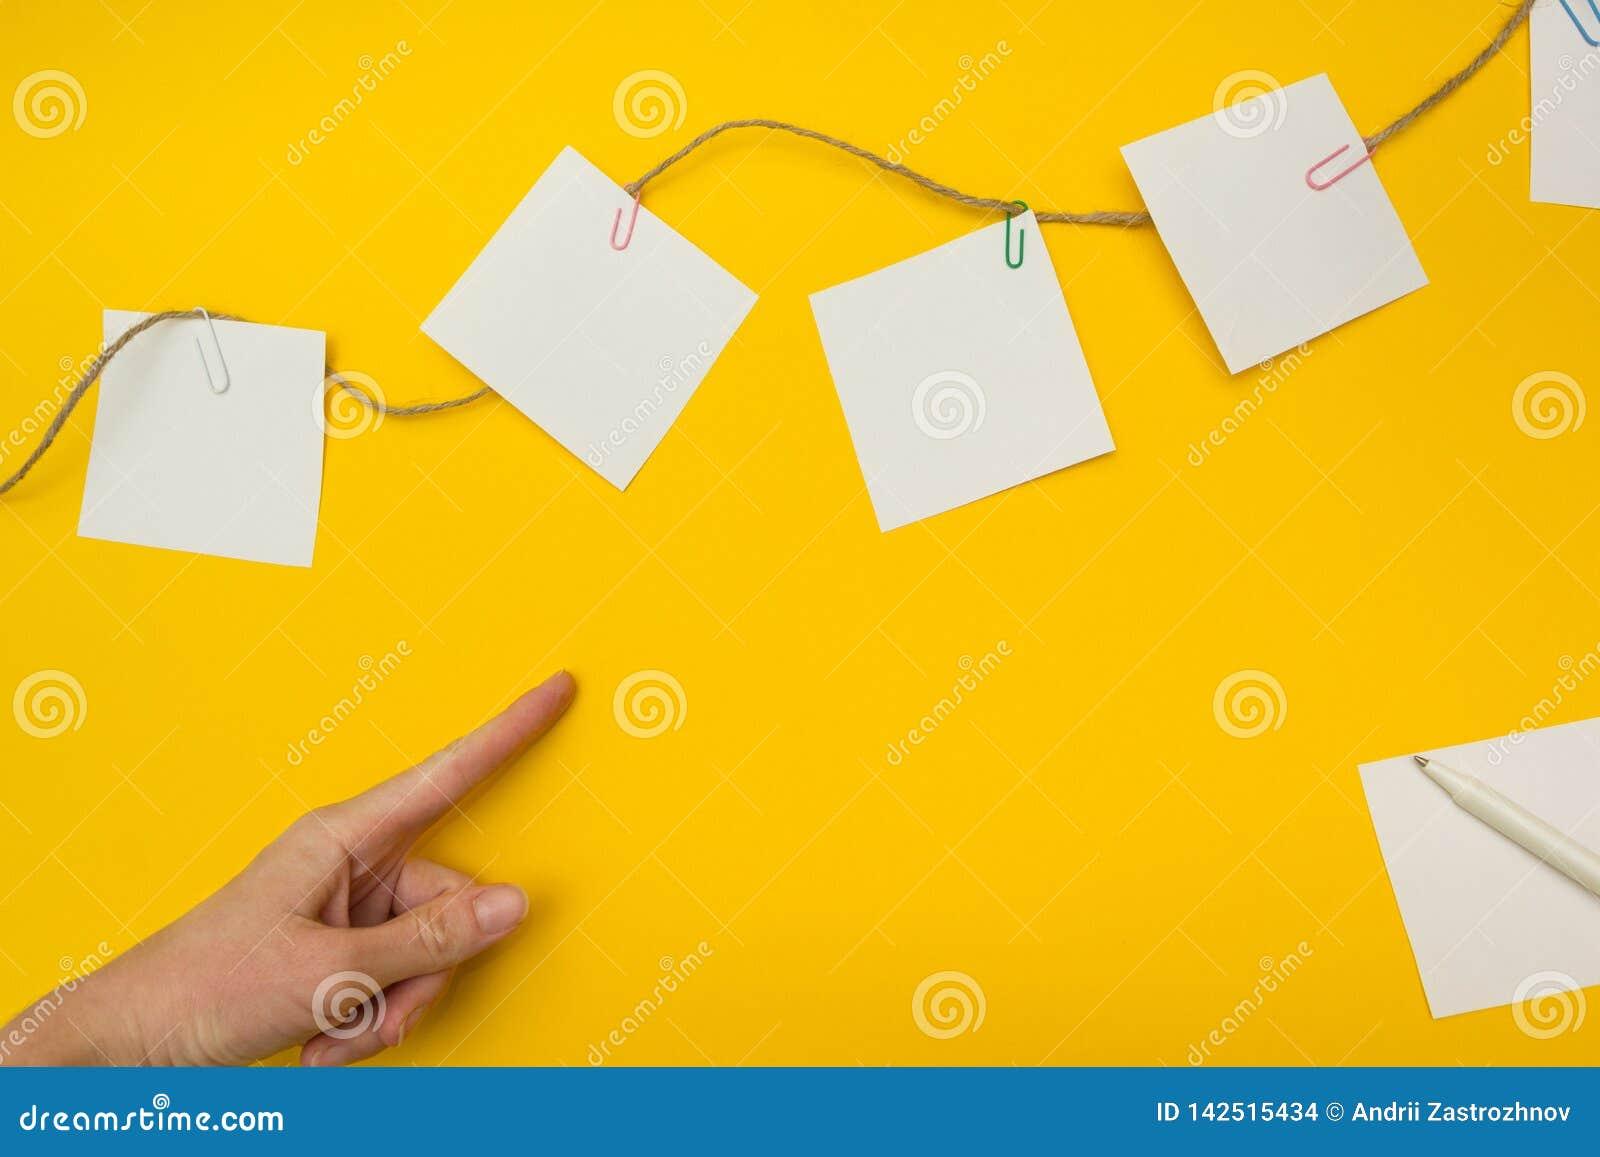 Imagen del concepto del crecimiento del negocio para el fondo amarillo del crecimiento del negocio